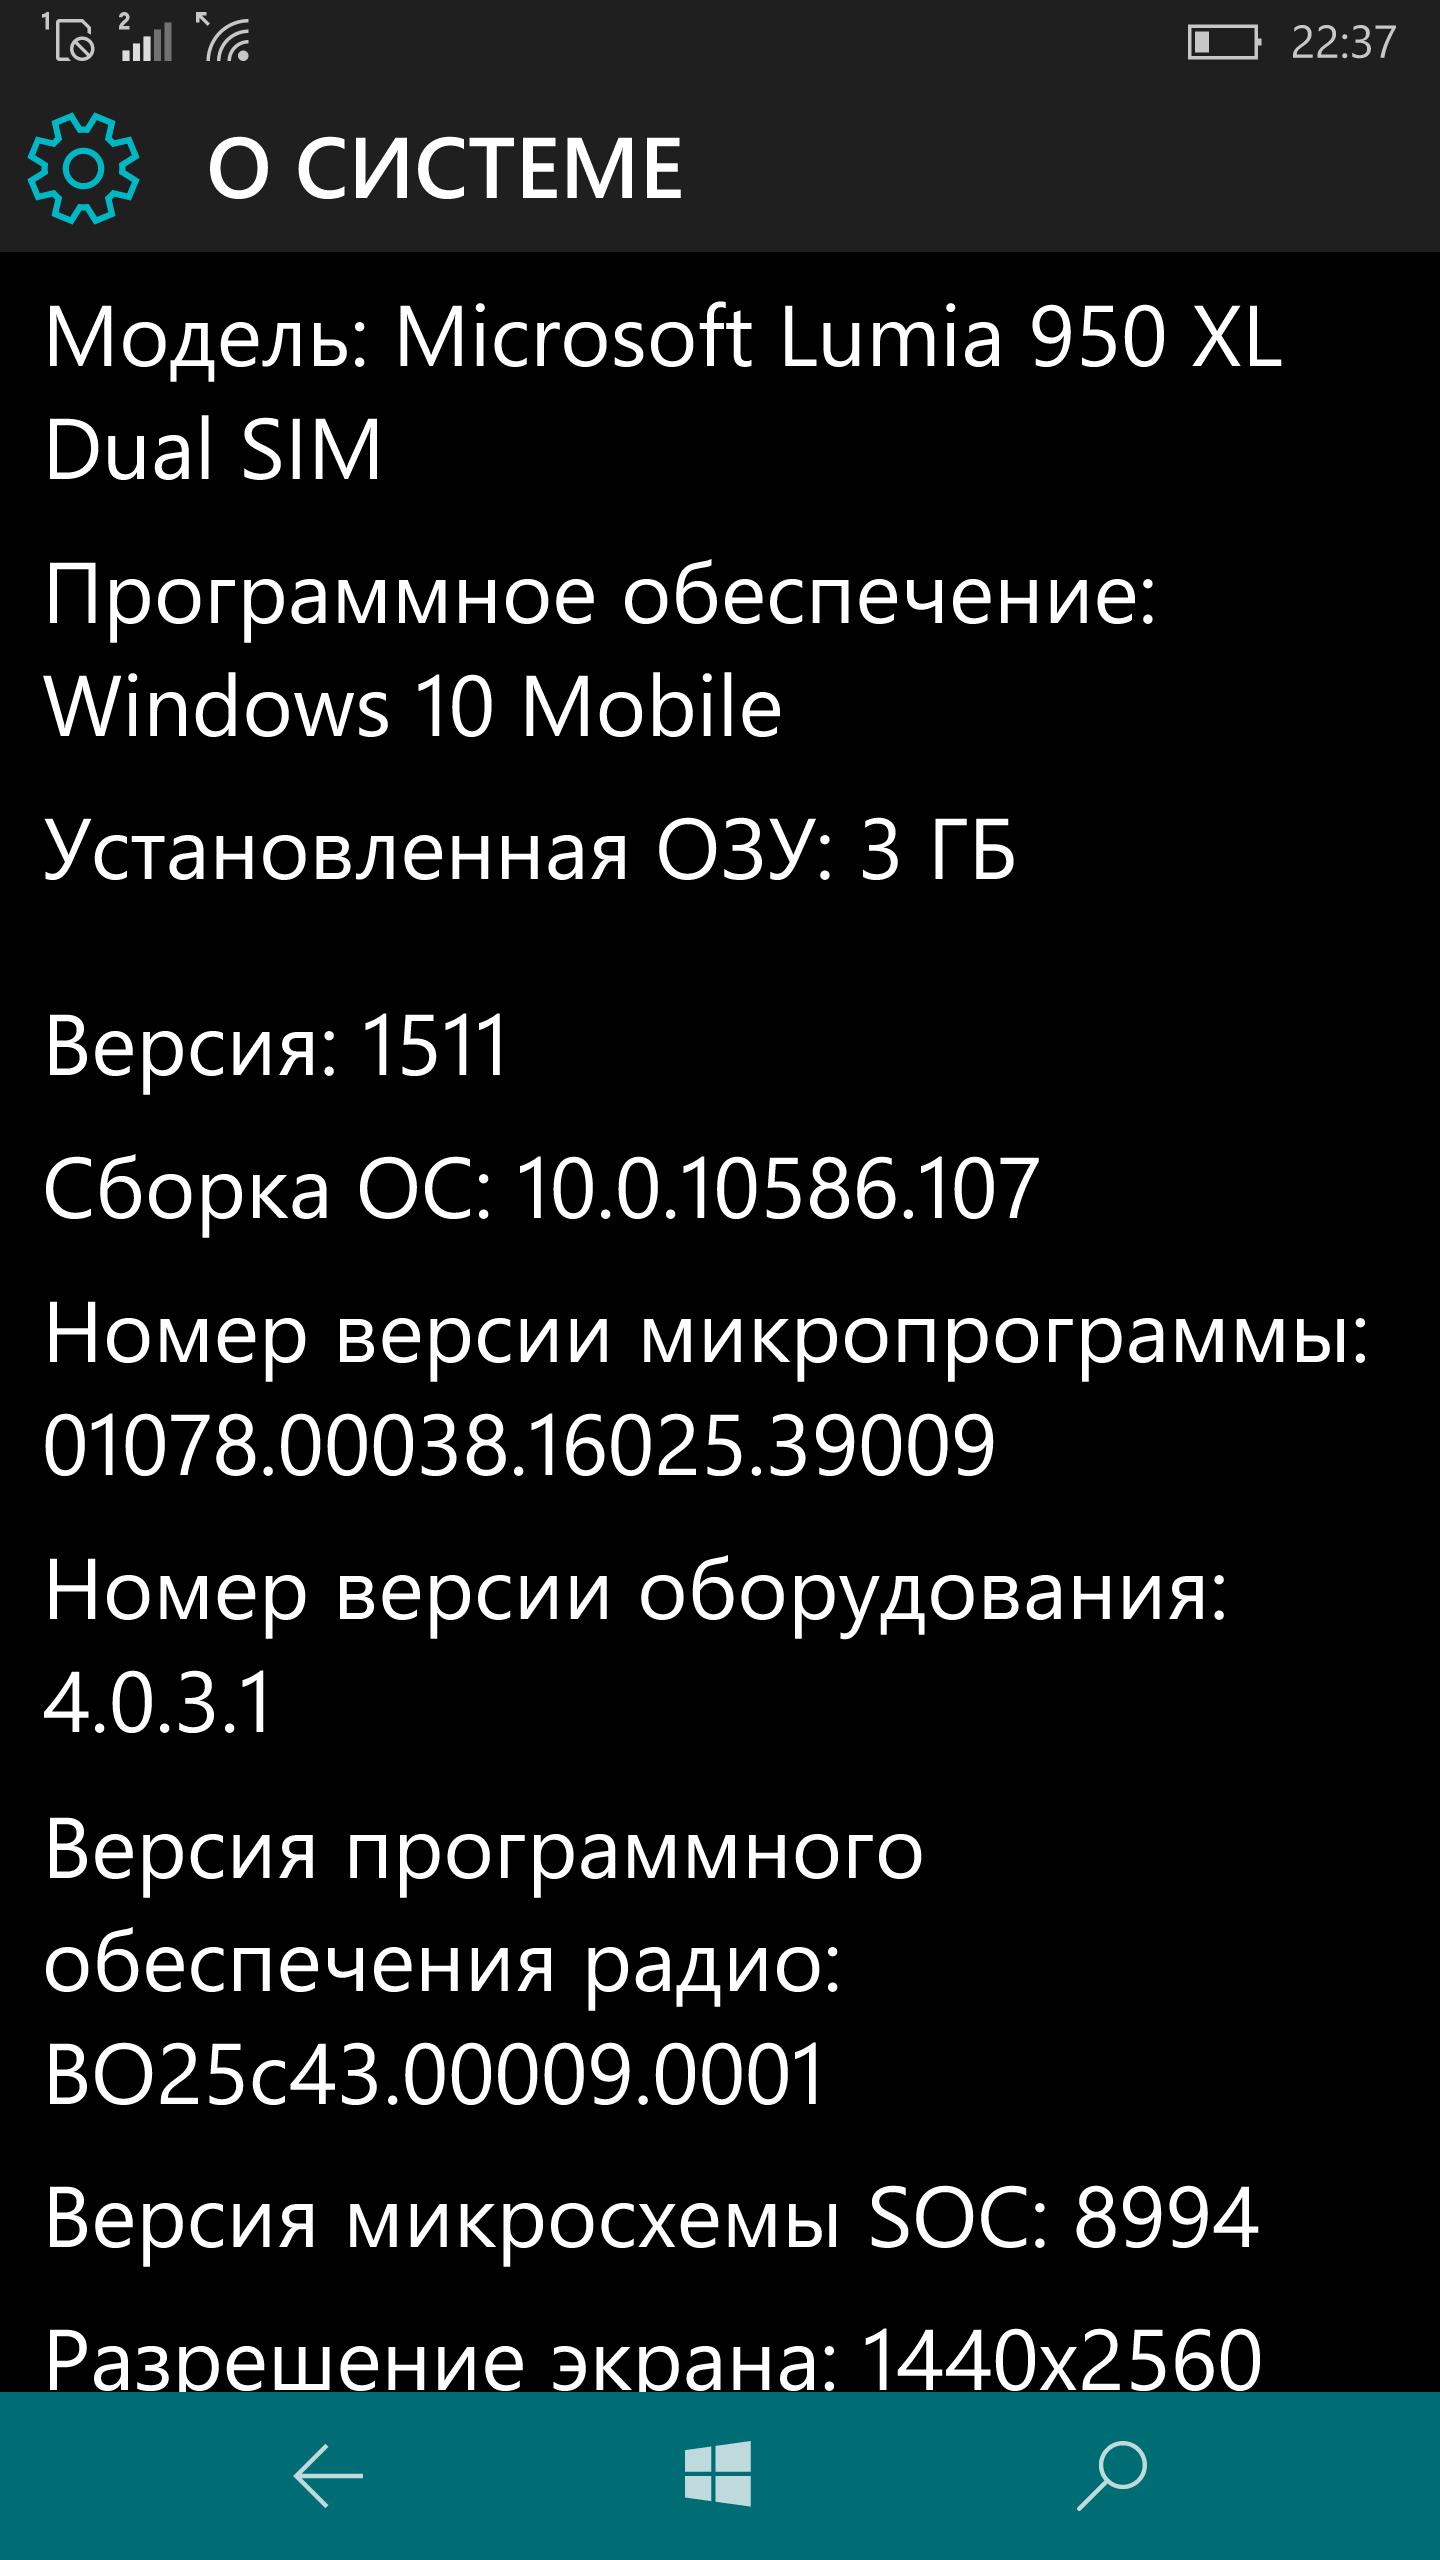 Обзор Microsoft Lumia 950 XL: смартфон «для настоящей работы»-23